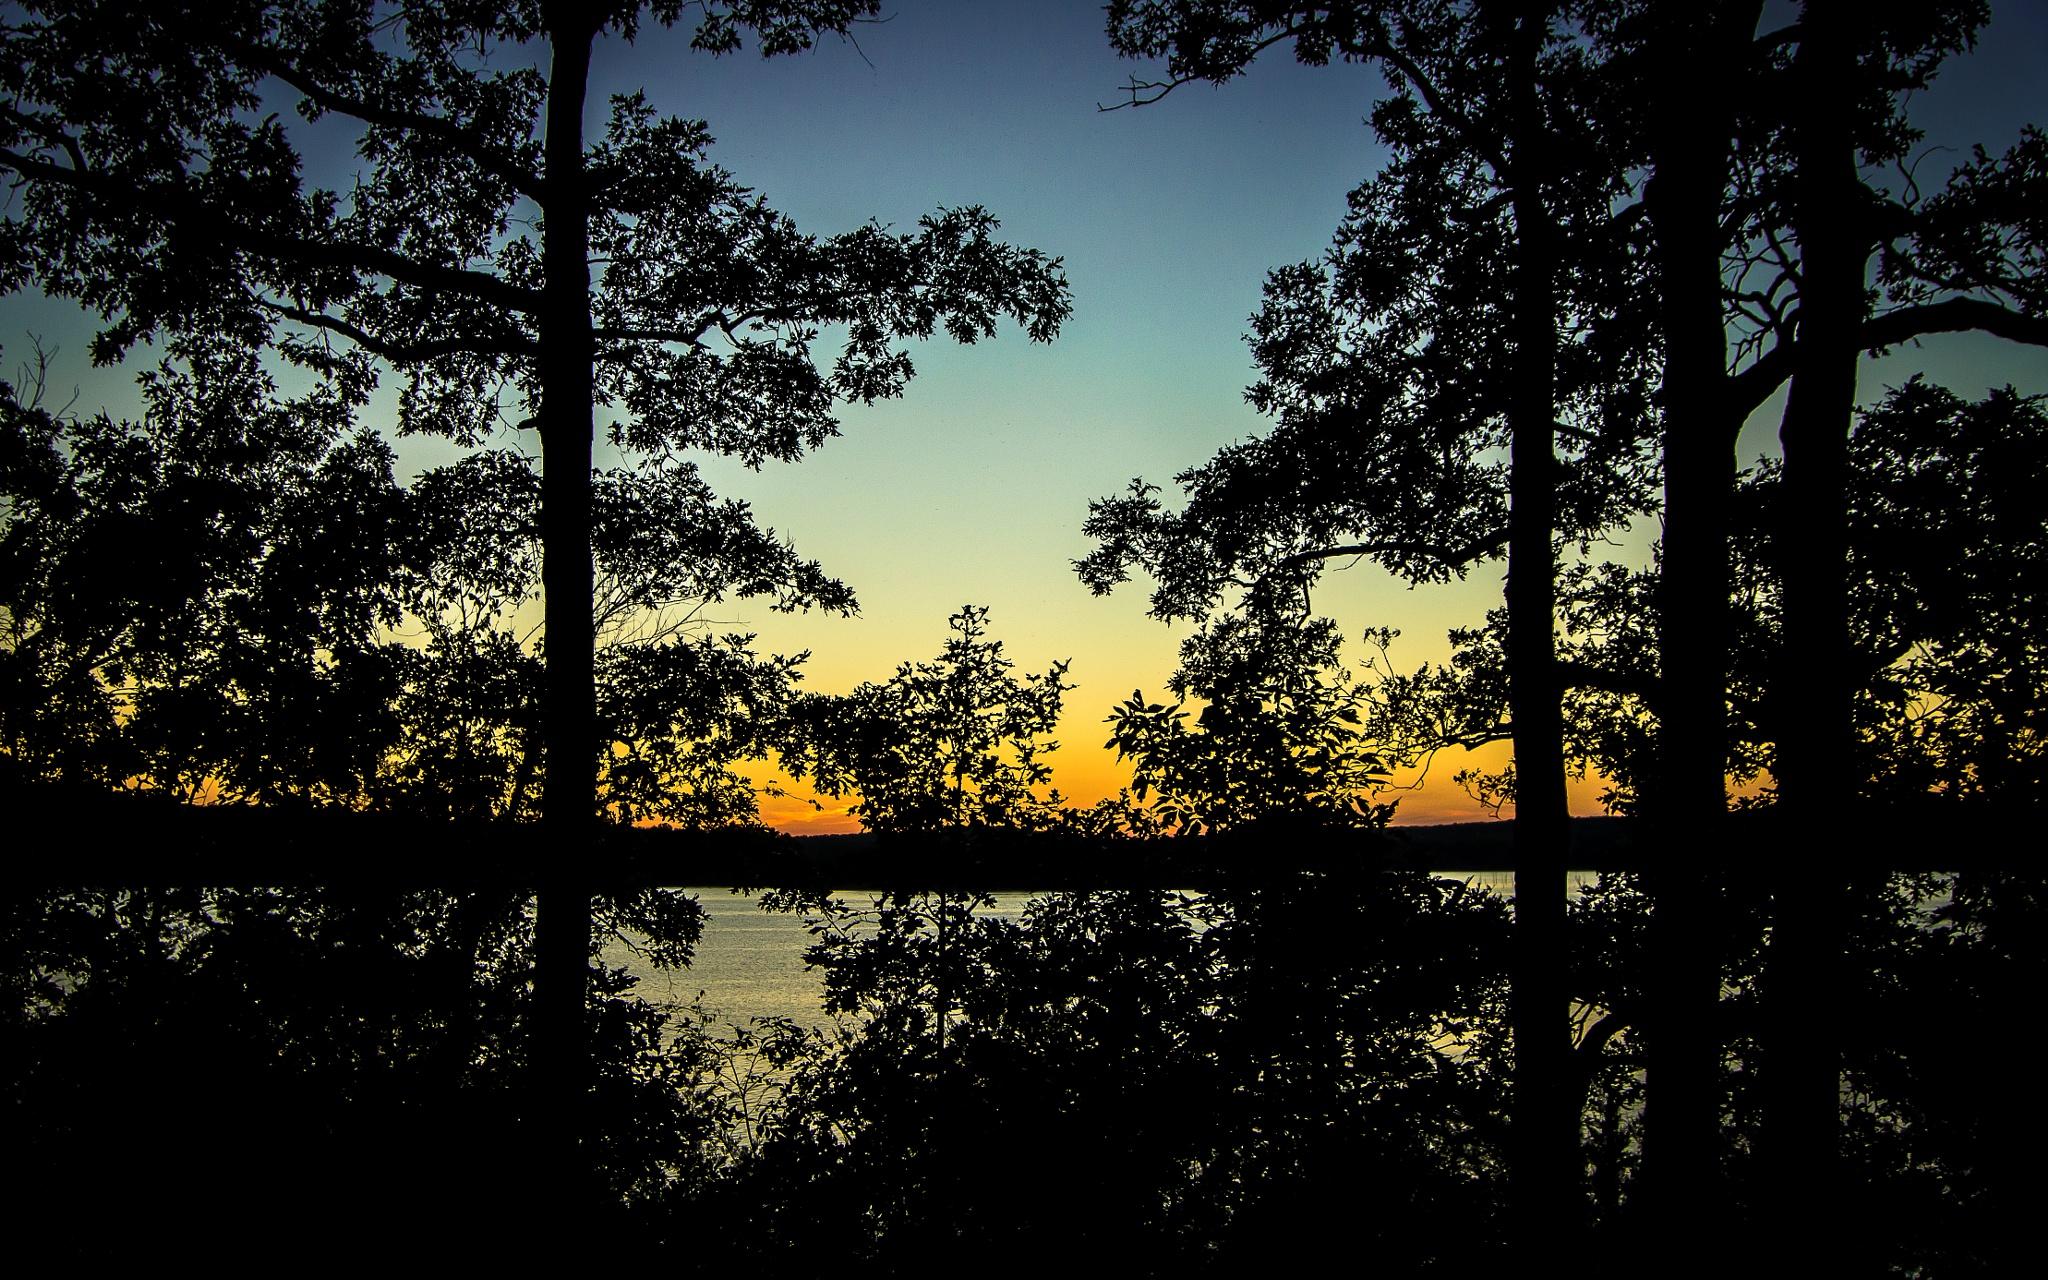 Lake Sunset by Nemo